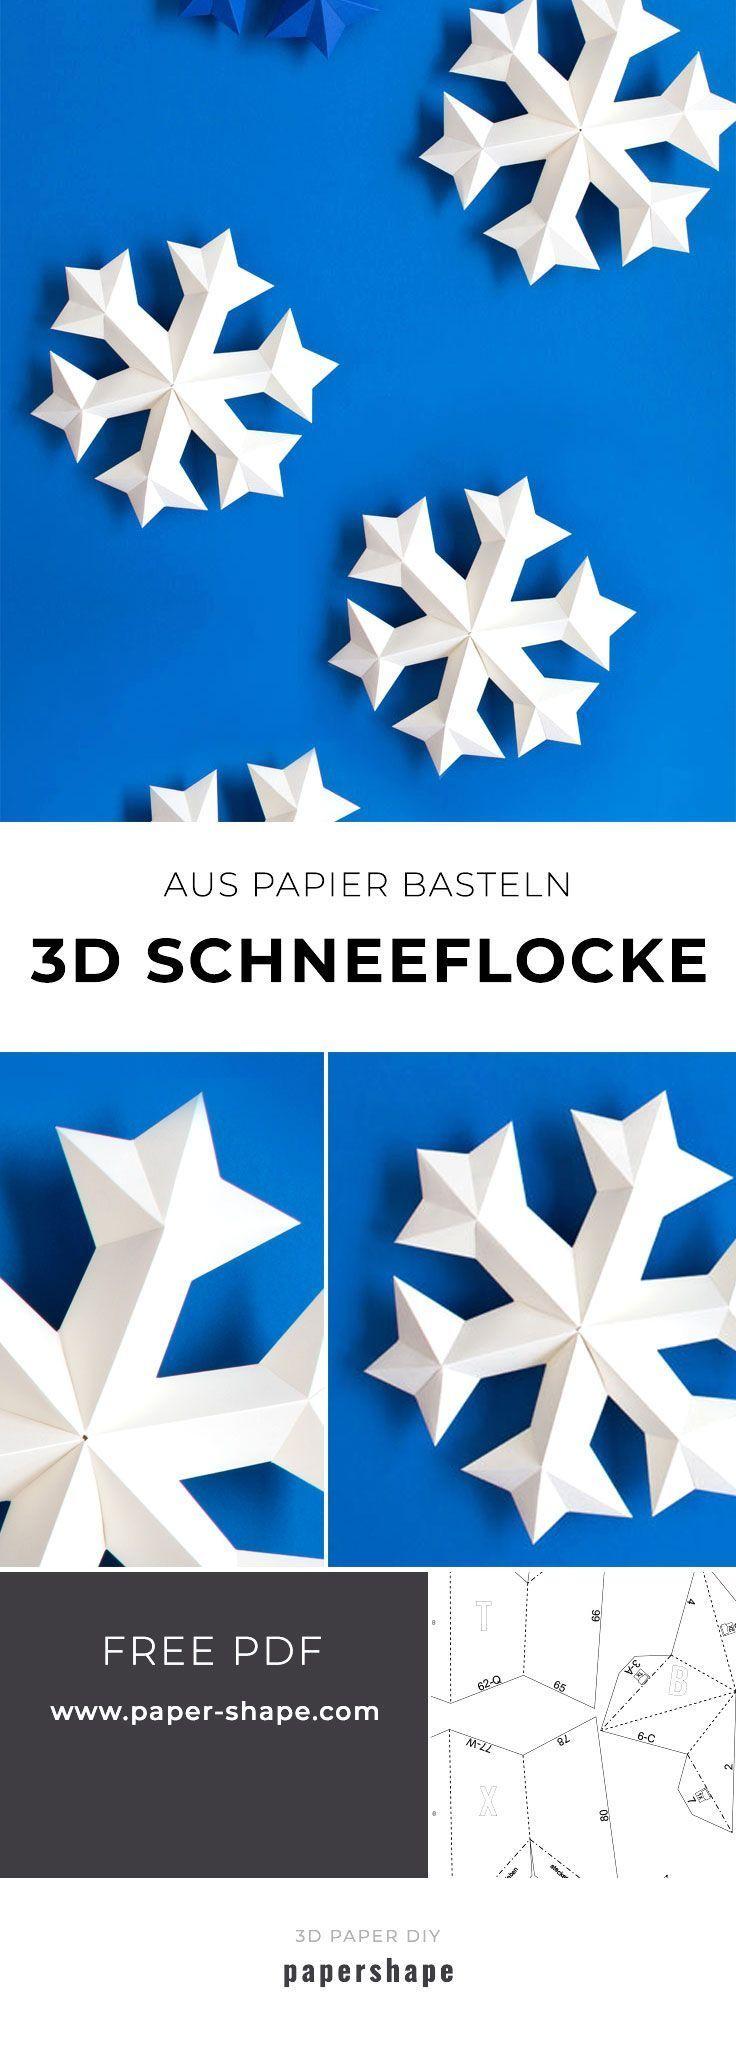 3D Schneeflocke mit Papier basteln (kostenlose Vorlage)